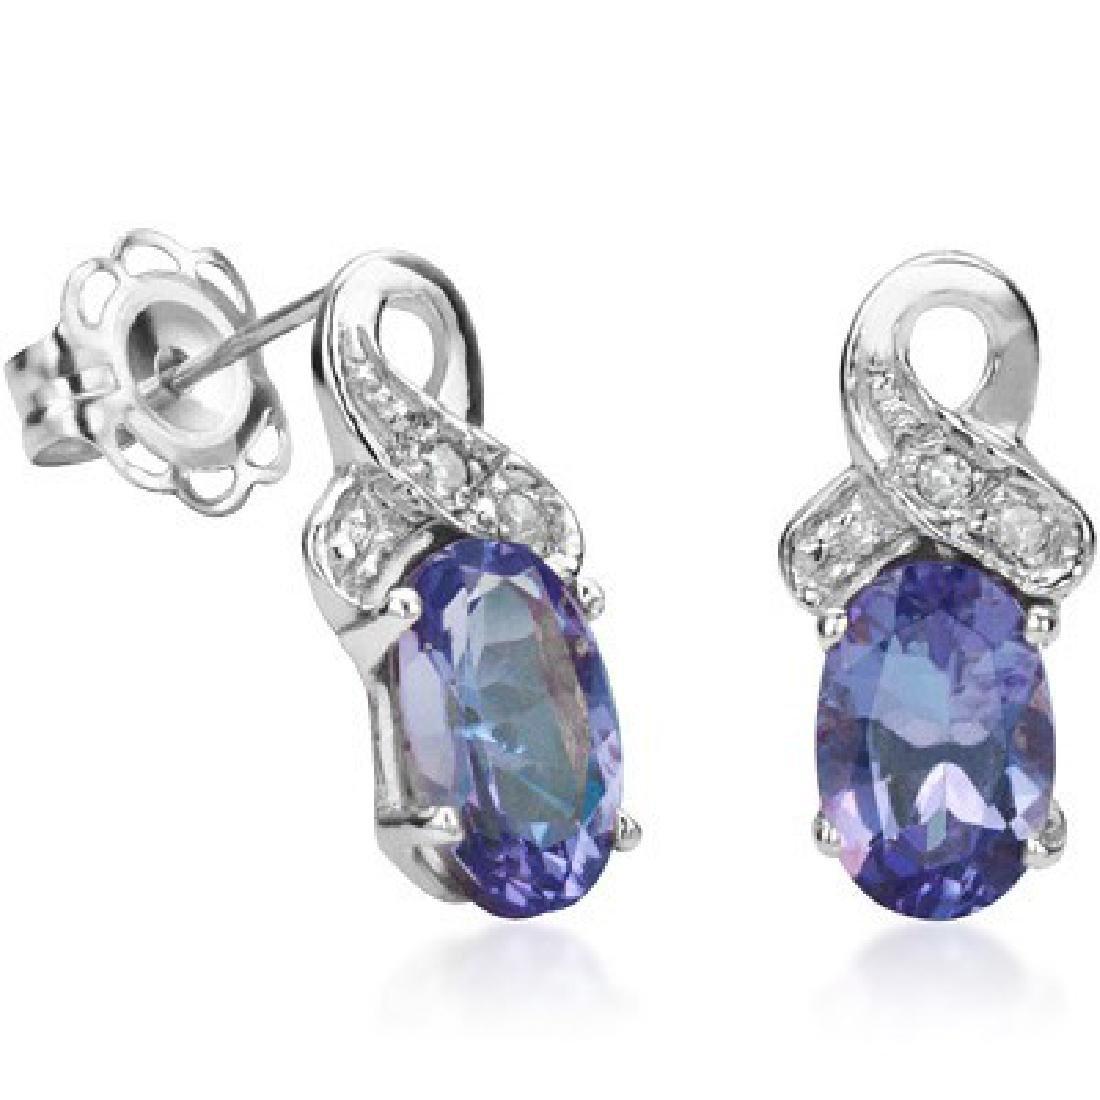 GLAM GENUINE TANZANITE/DIAMOND STERLING EARRINGS